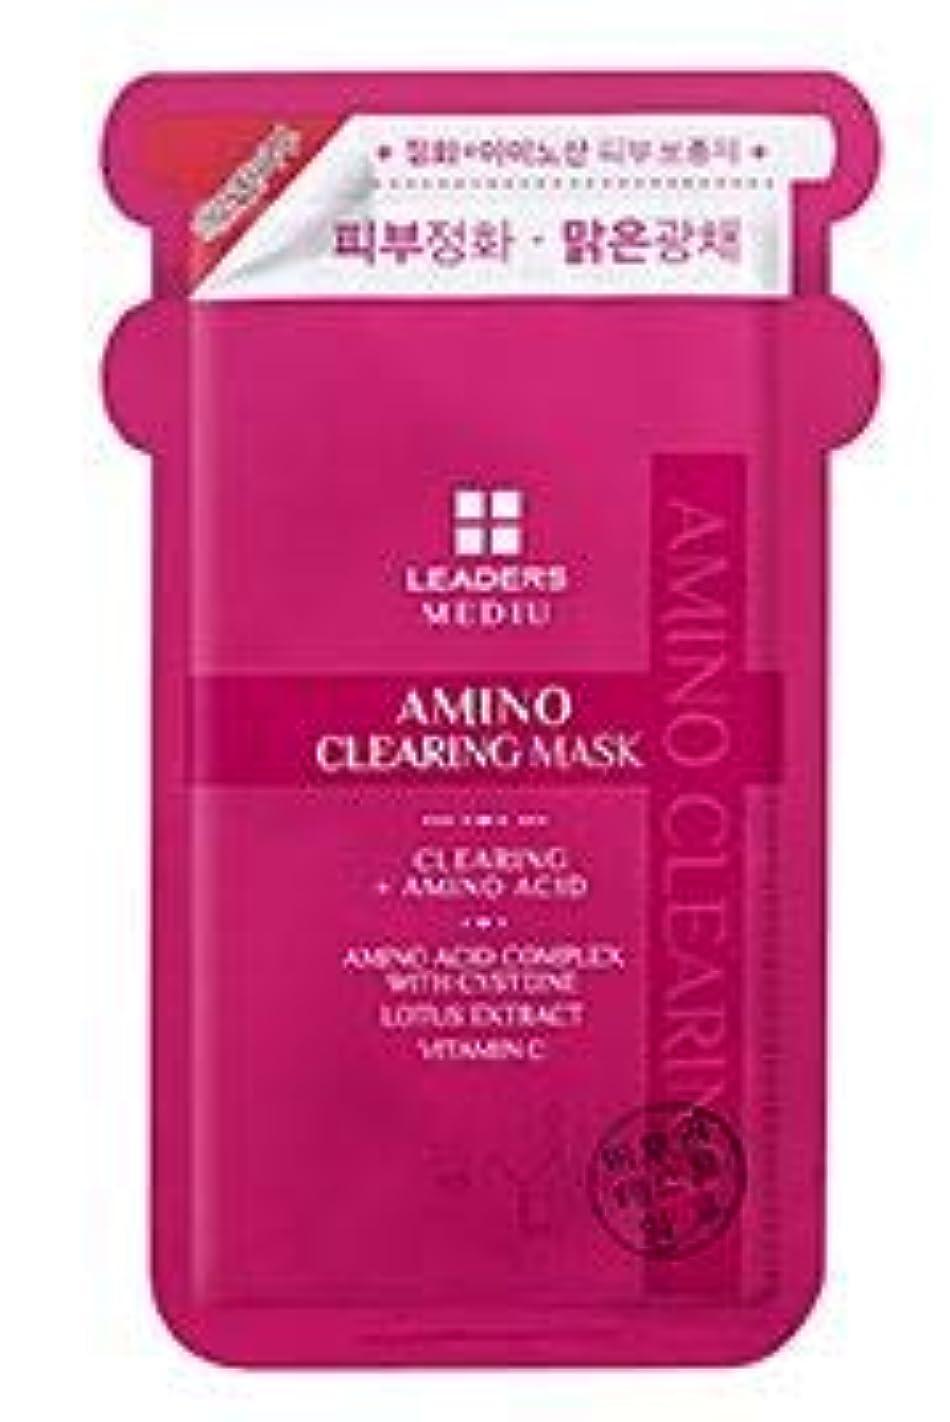 阻害することわざ頑固な[LEADERS] MEDIU Amino Clearing Mask 25ml*10ea / リーダースアミノクリアリングマスク 25ml*10枚 [並行輸入品]